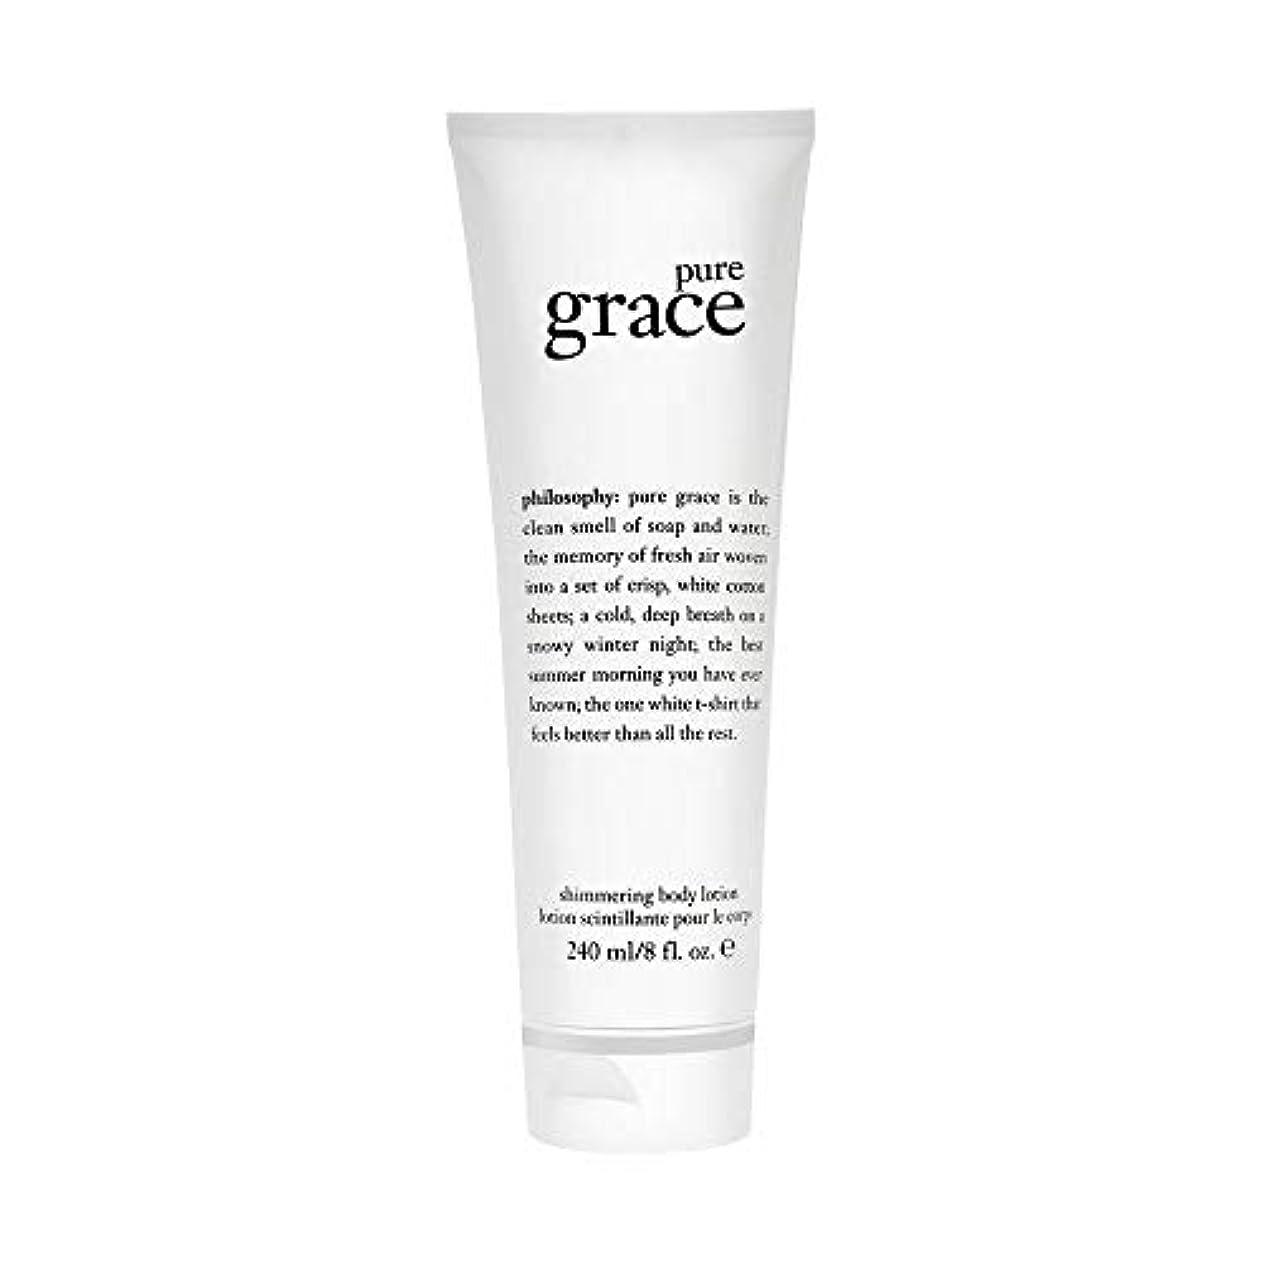 運動する乳教育学Pure Grace Nude Rose(ピュアグレイス ヌード ローズ ) 8.0 oz (240ml) Body Lotion for Women